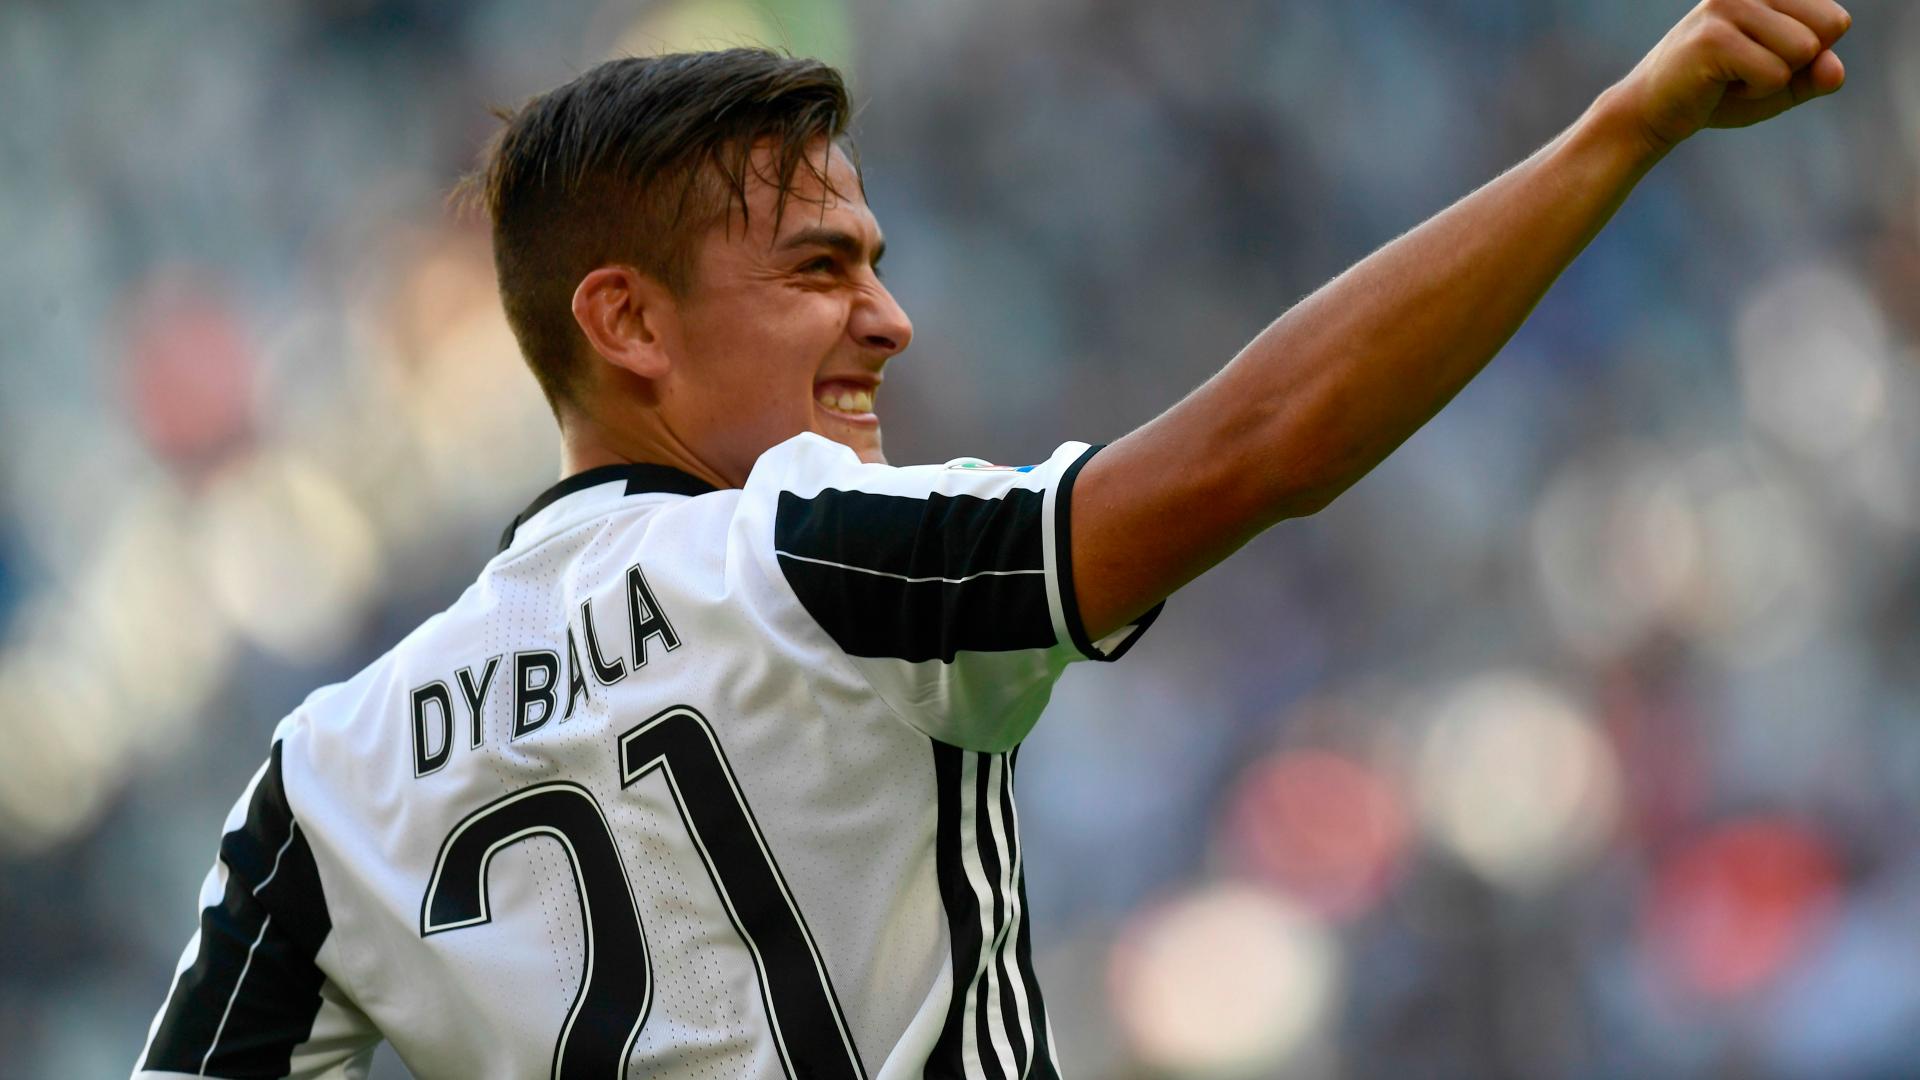 Dybala là niềm hy vọng số 1 của Juventus trong trận đấu cuối tuần này với Sampdoria